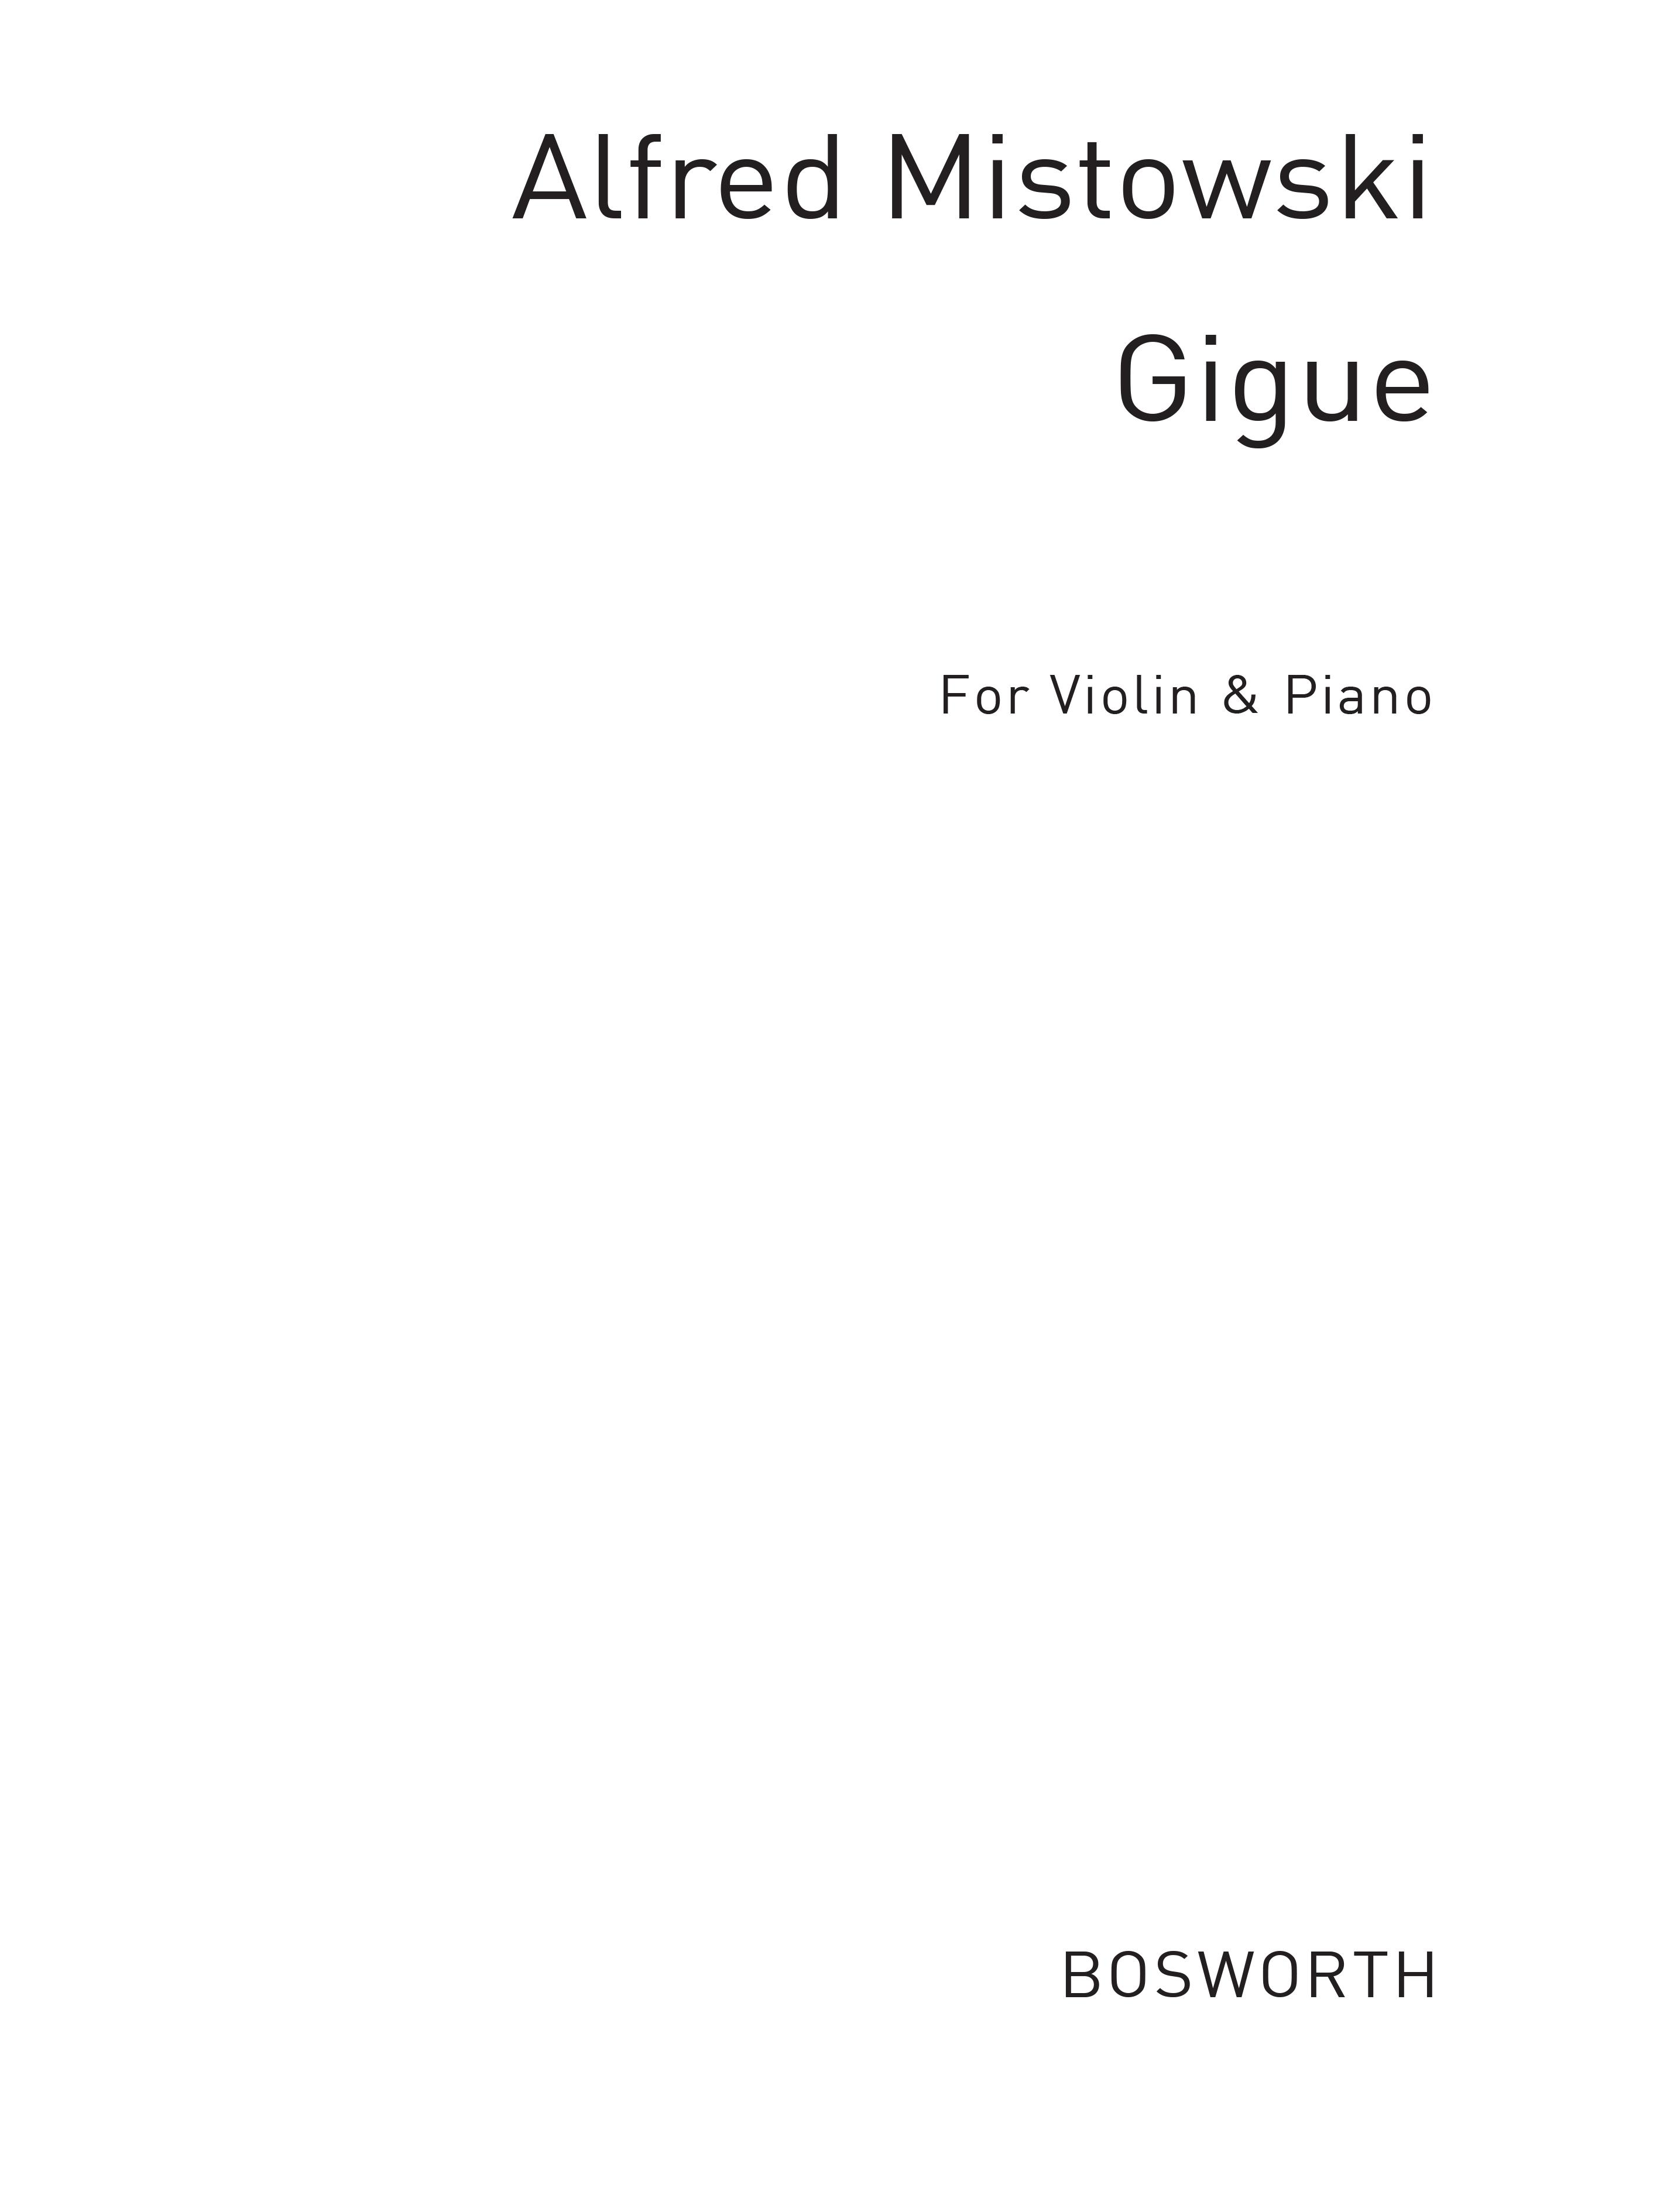 Johann Sebastian Bach: J.S. Bach Gigue (Mistowski) Vln/Pf: Violin: Instrumental